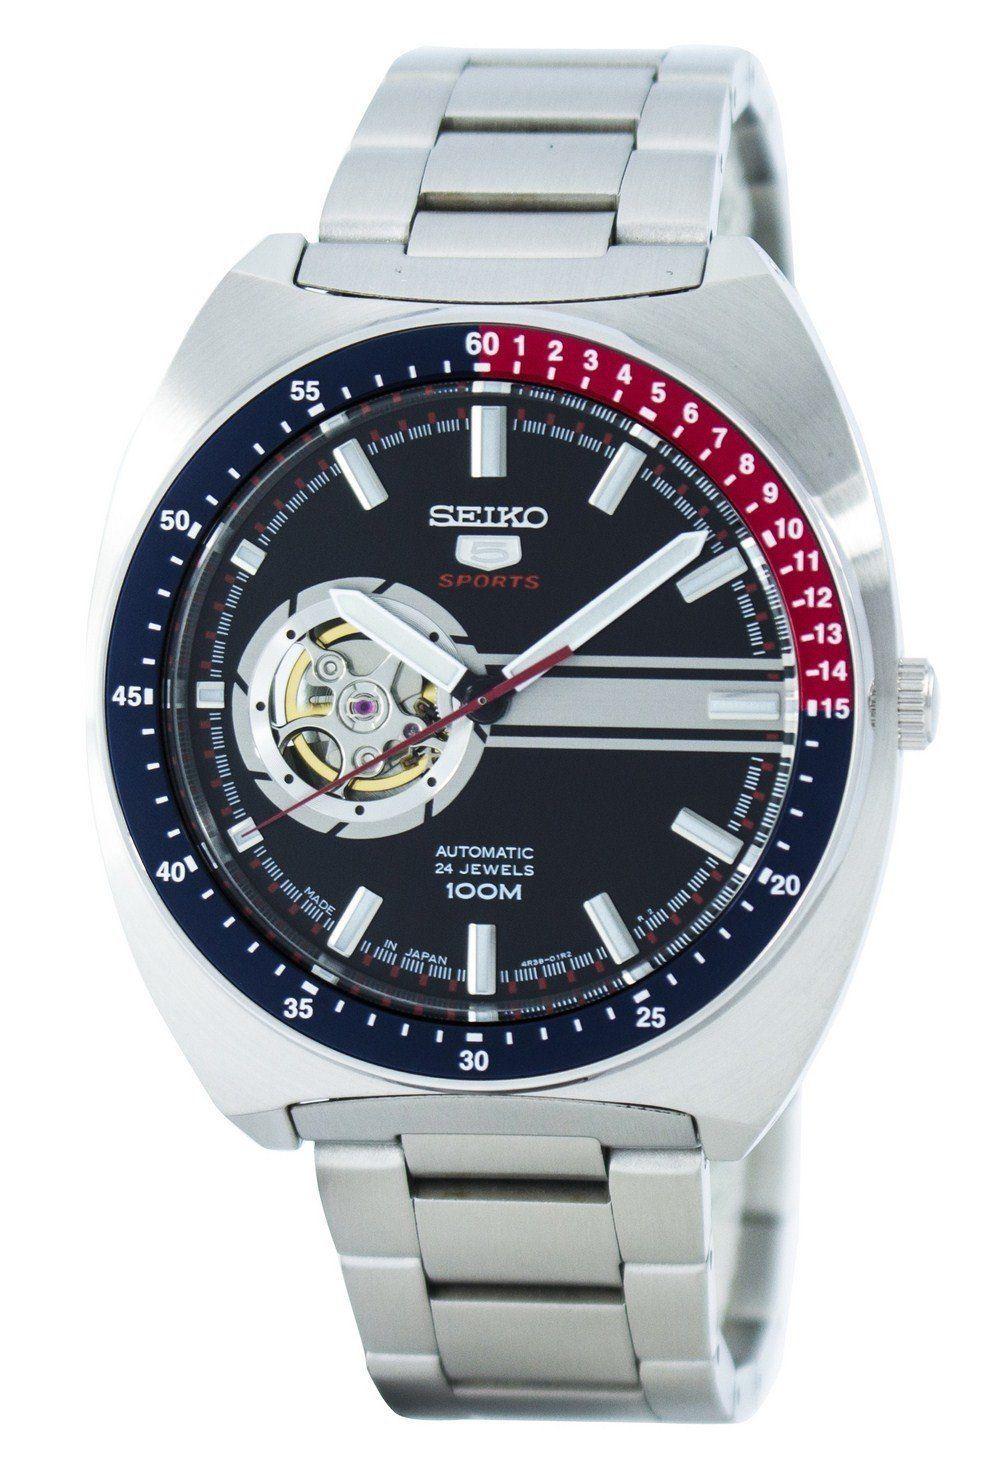 นาฬิกาผู้ชาย Seiko รุ่น SSA329J1, Seiko 5 Sports Automatic 24 Jewels Open Heart Japan Men's Watch